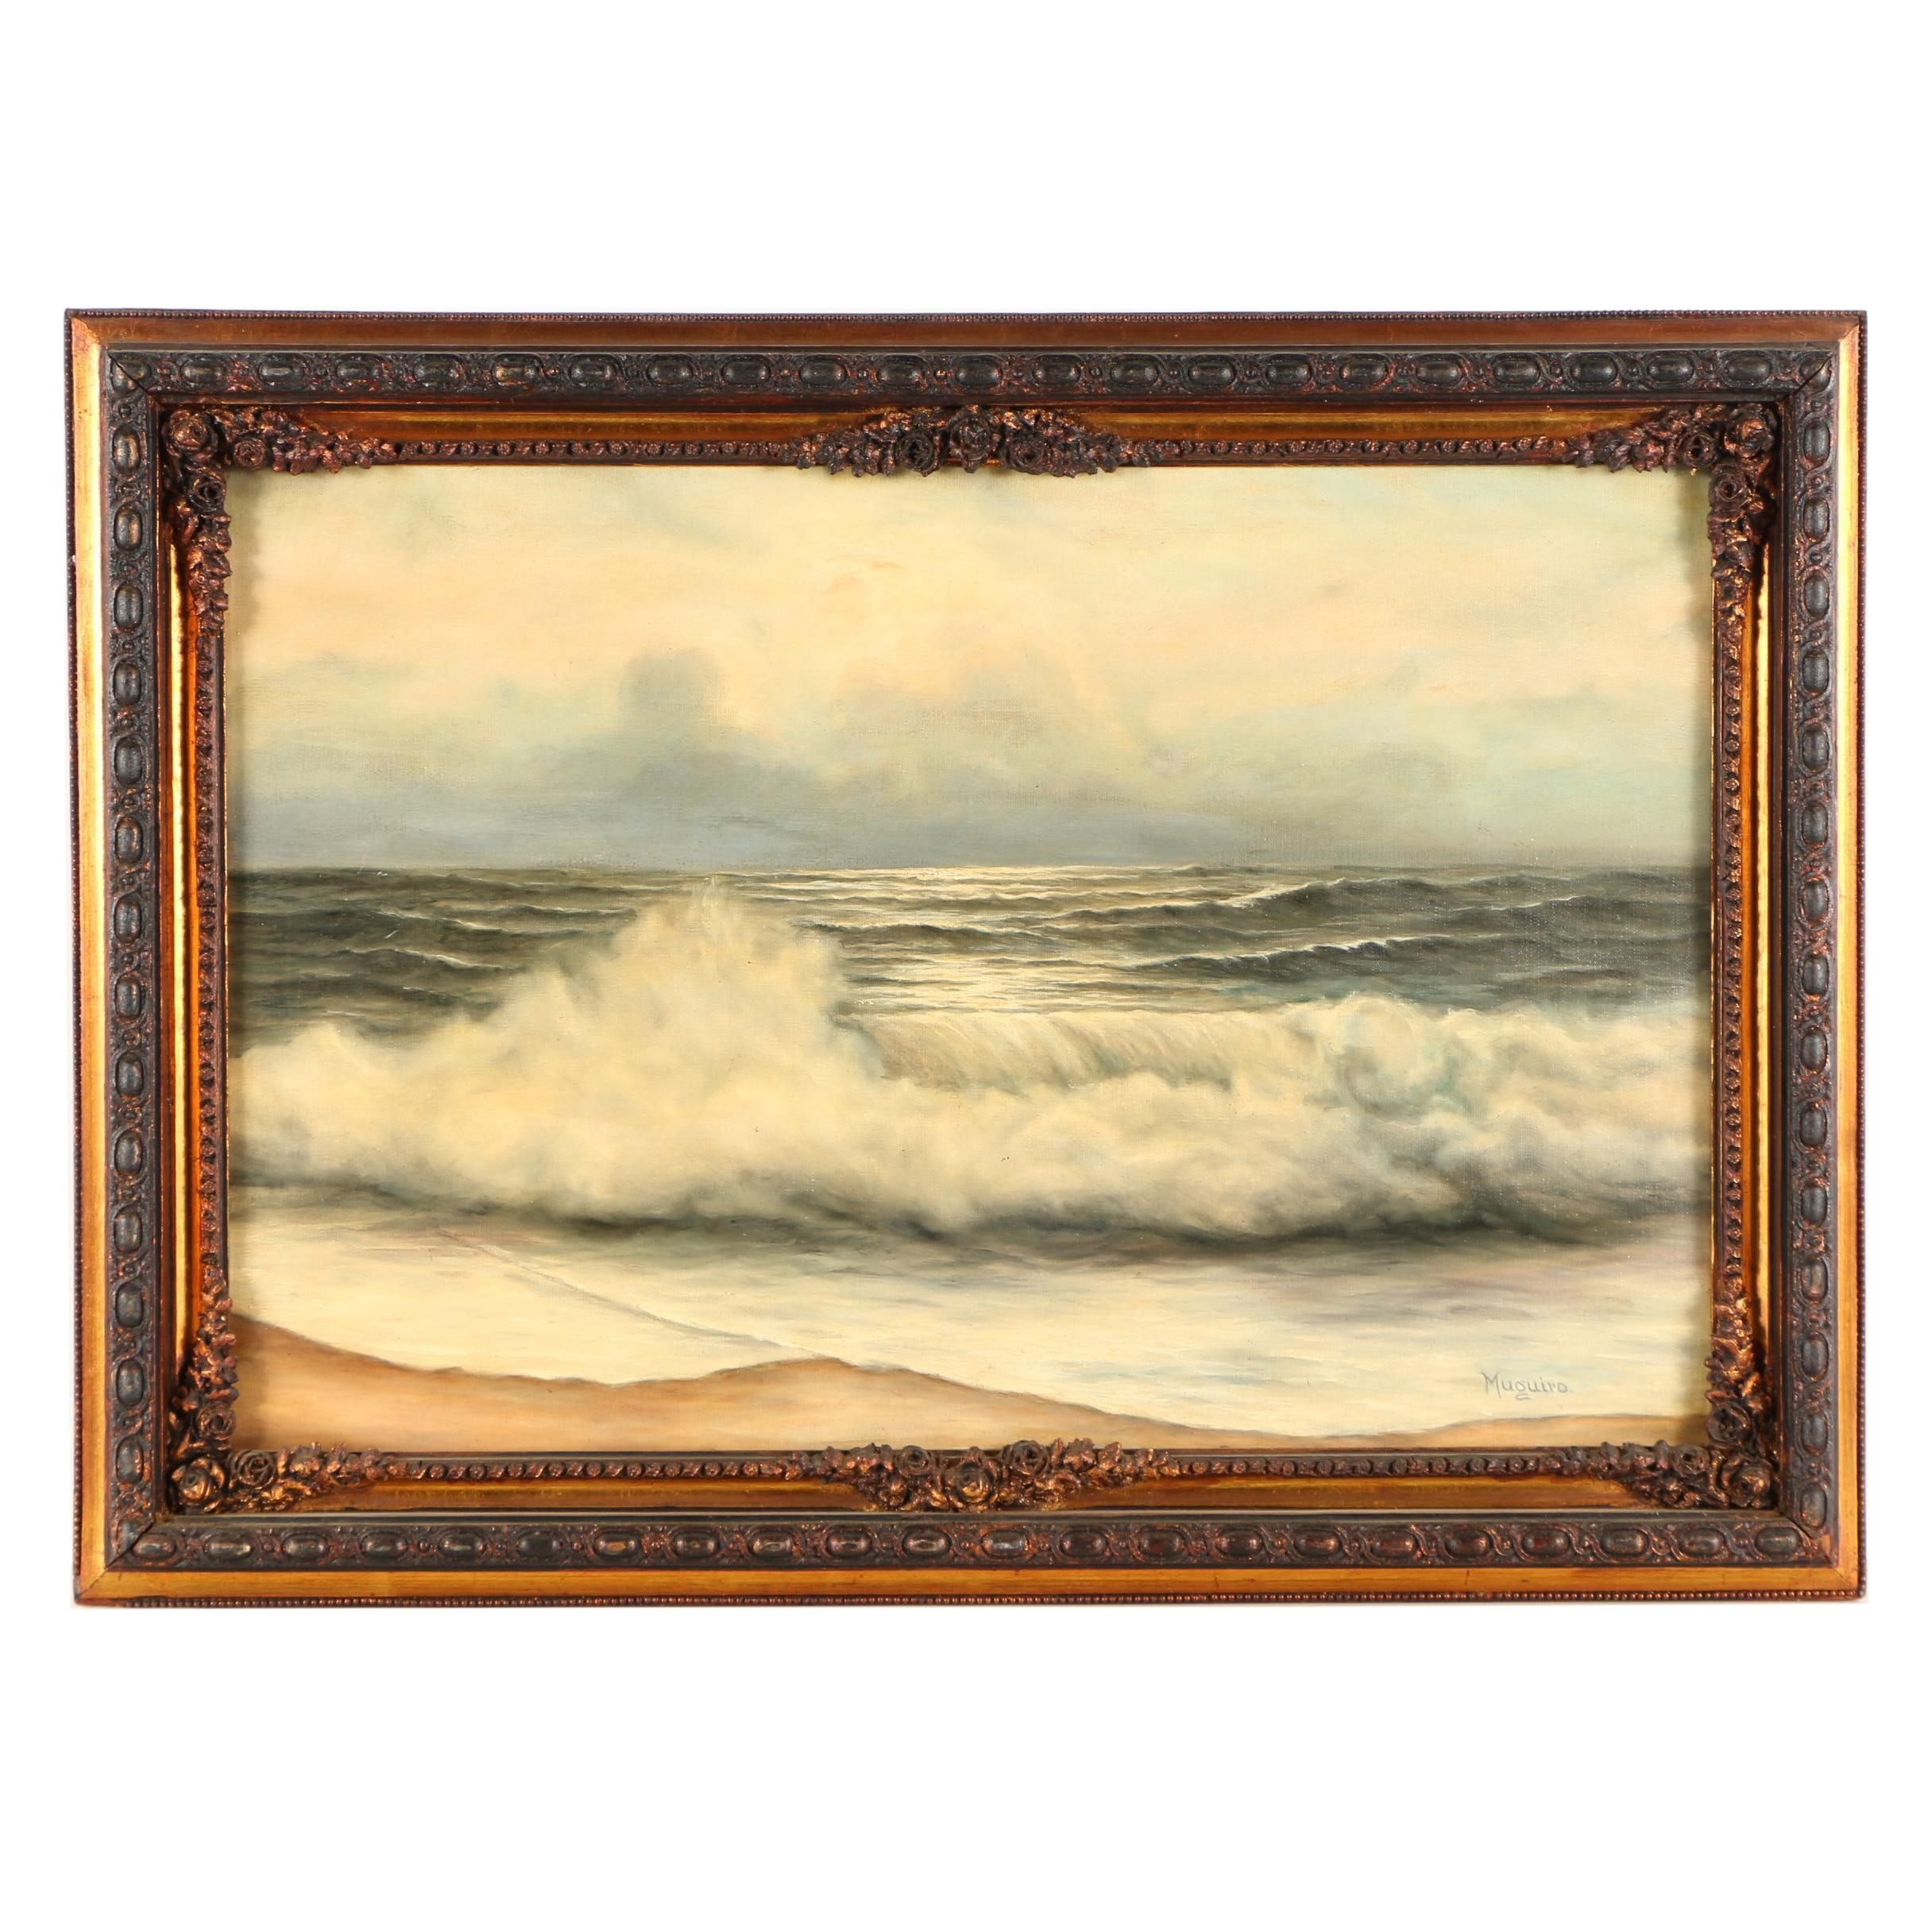 Muguiro Oil Painting of a Beach